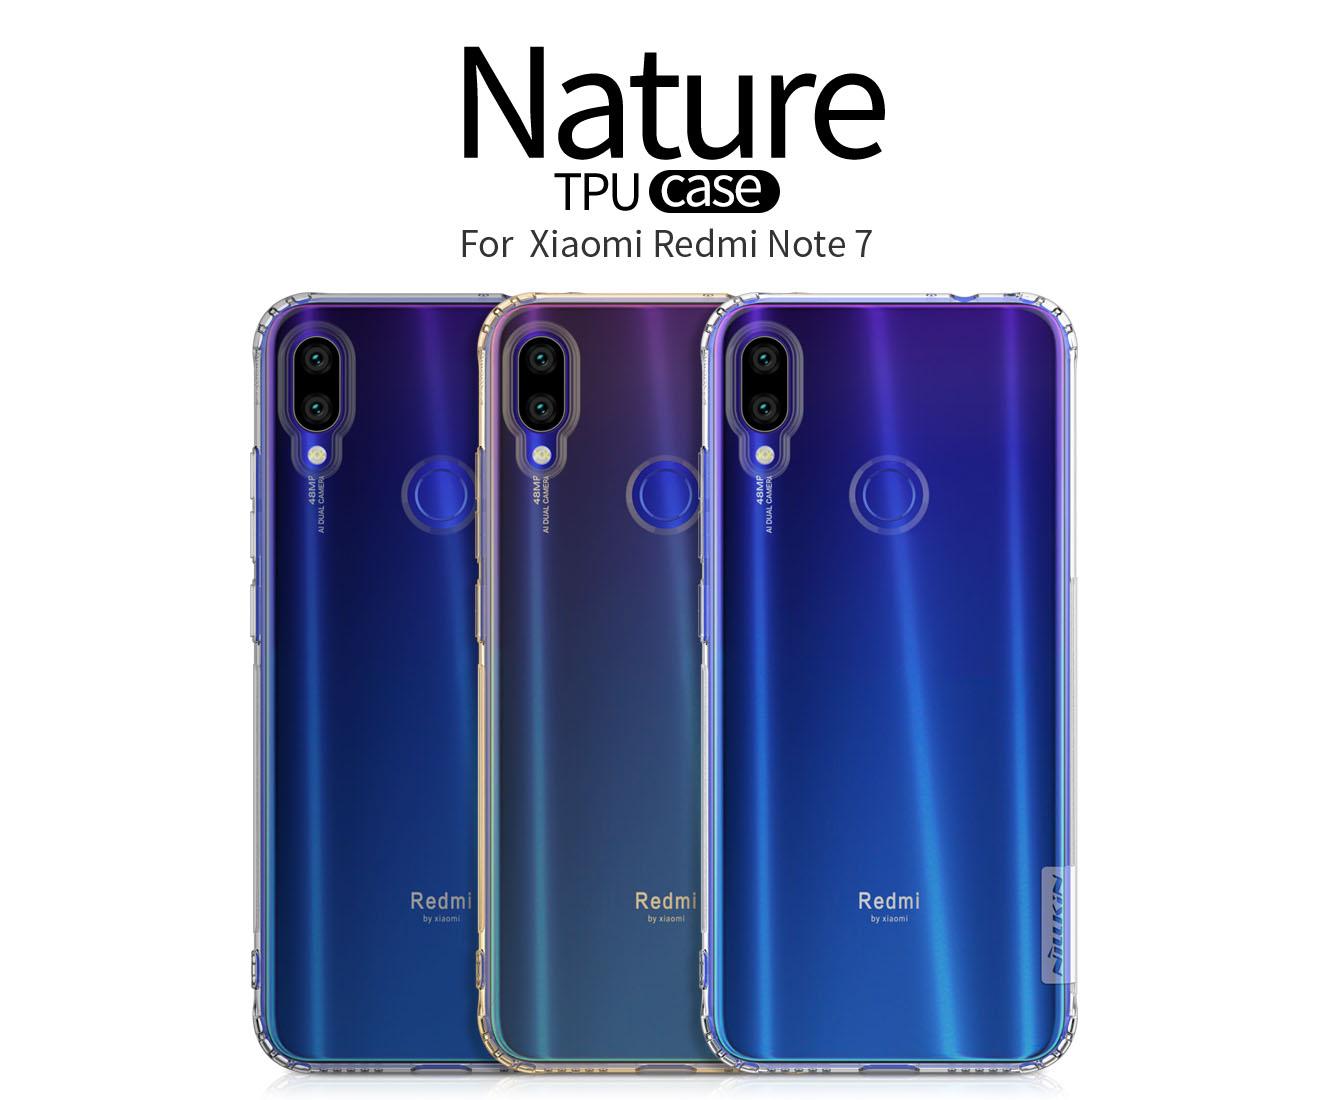 XIAOMI Redmi Note 7 case